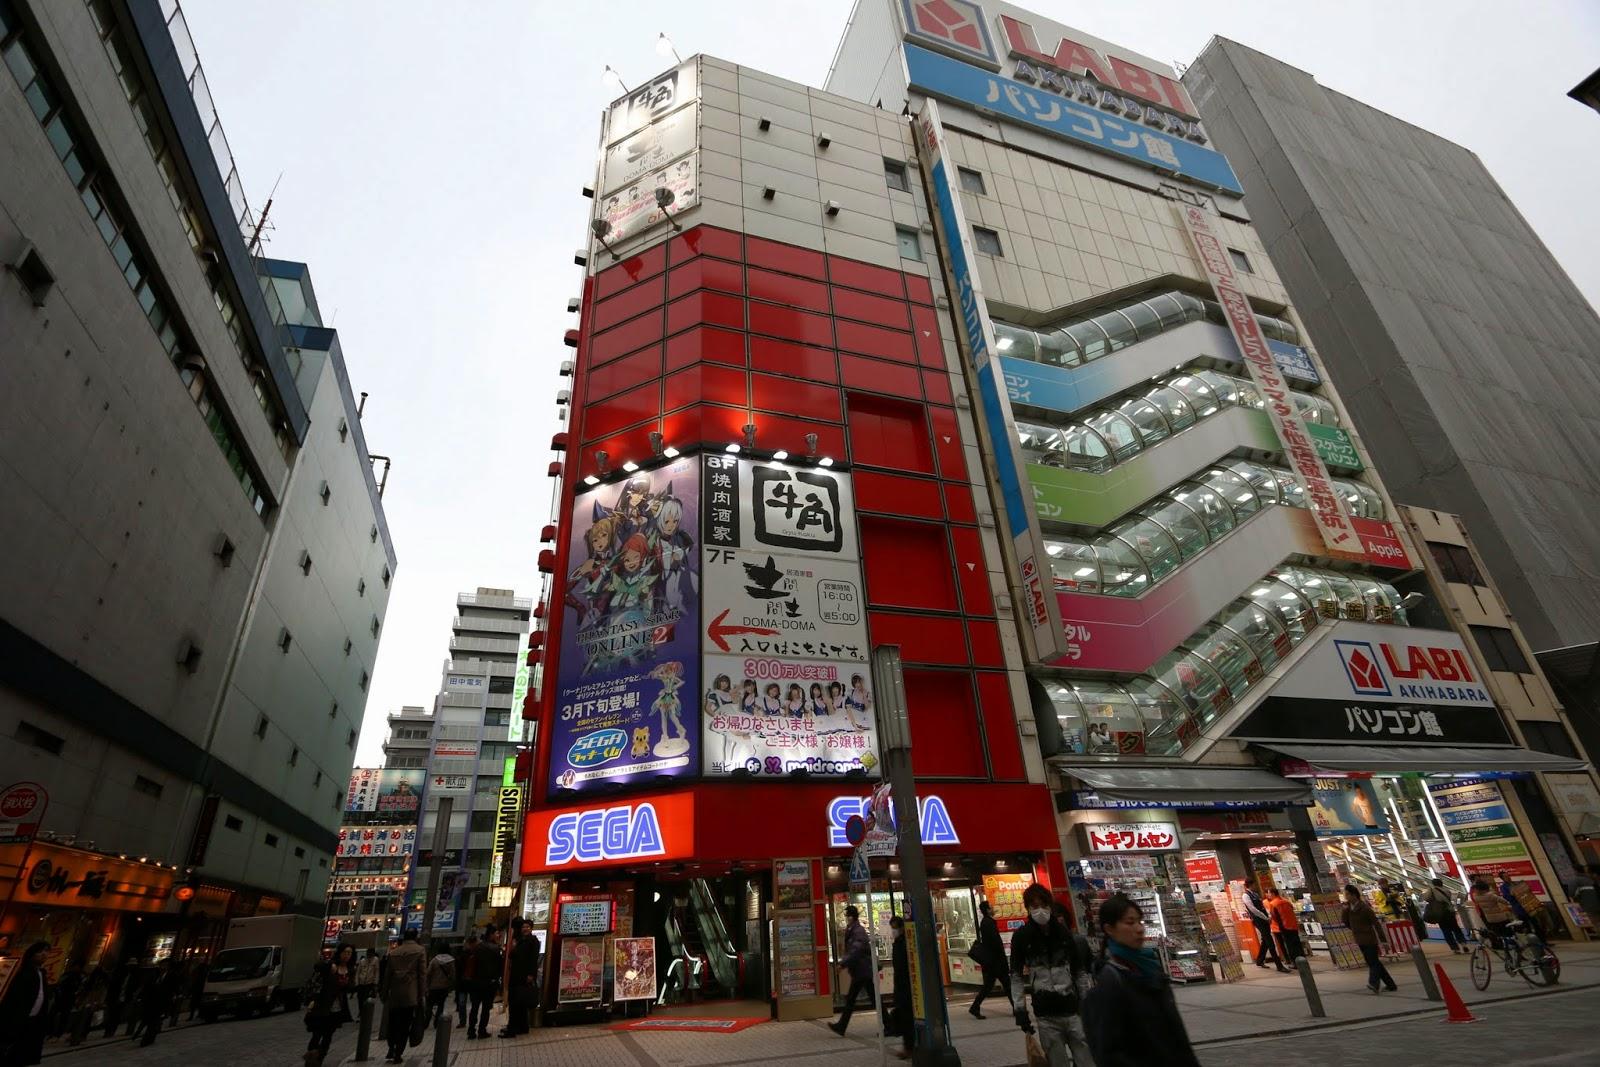 Famous Labi and Sega stores at Akihabara in Tokyo, Japan